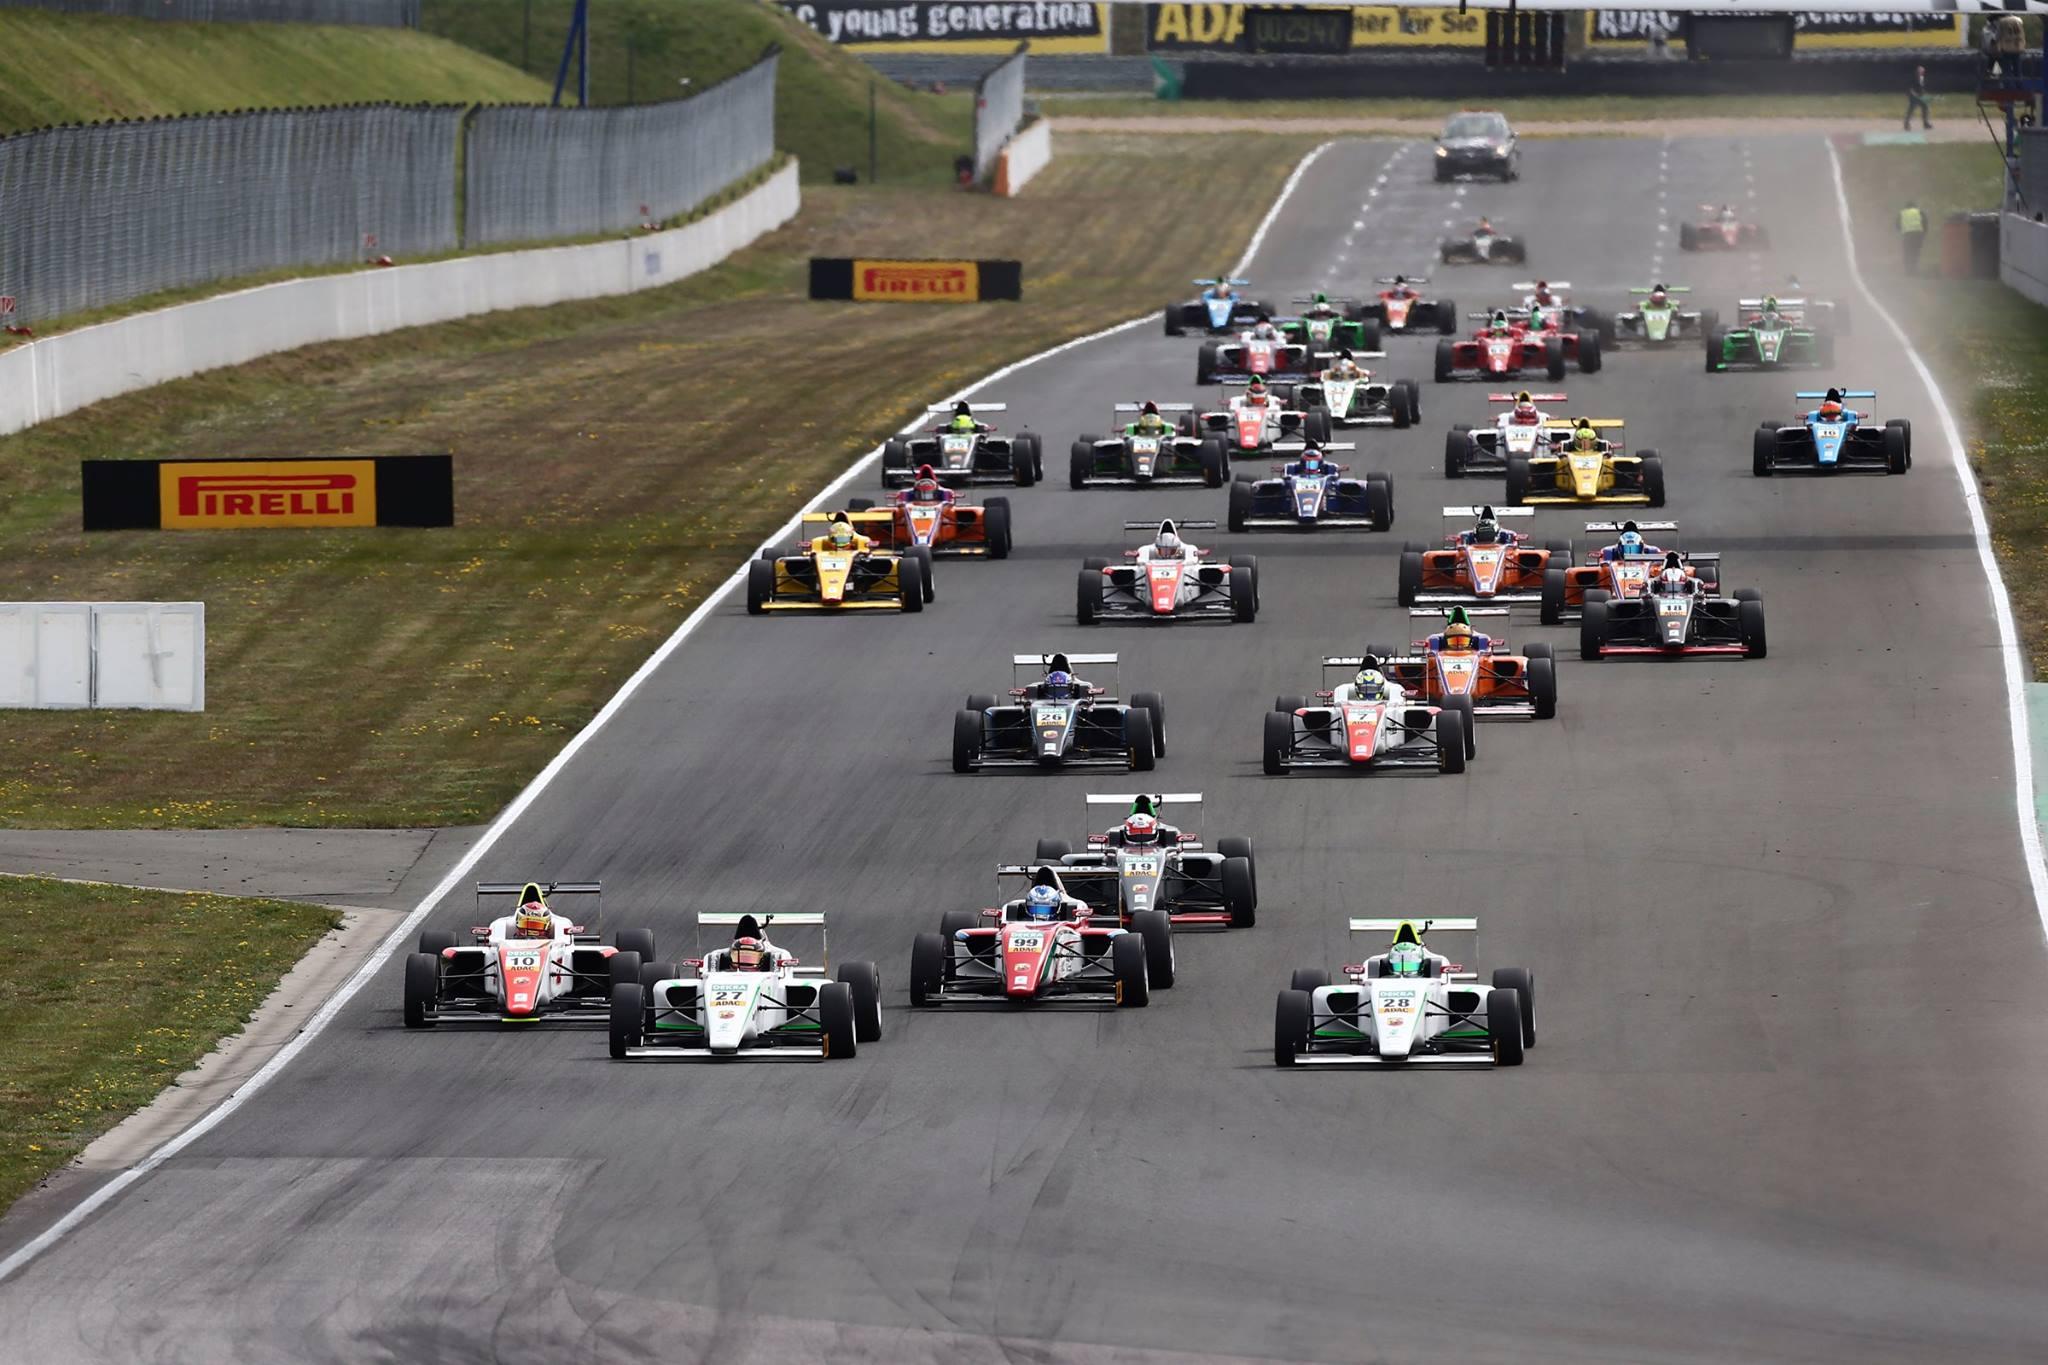 Történelmi pillanat: Schumacher fia megszerezte élete első győzelmét a Formula 4-ben